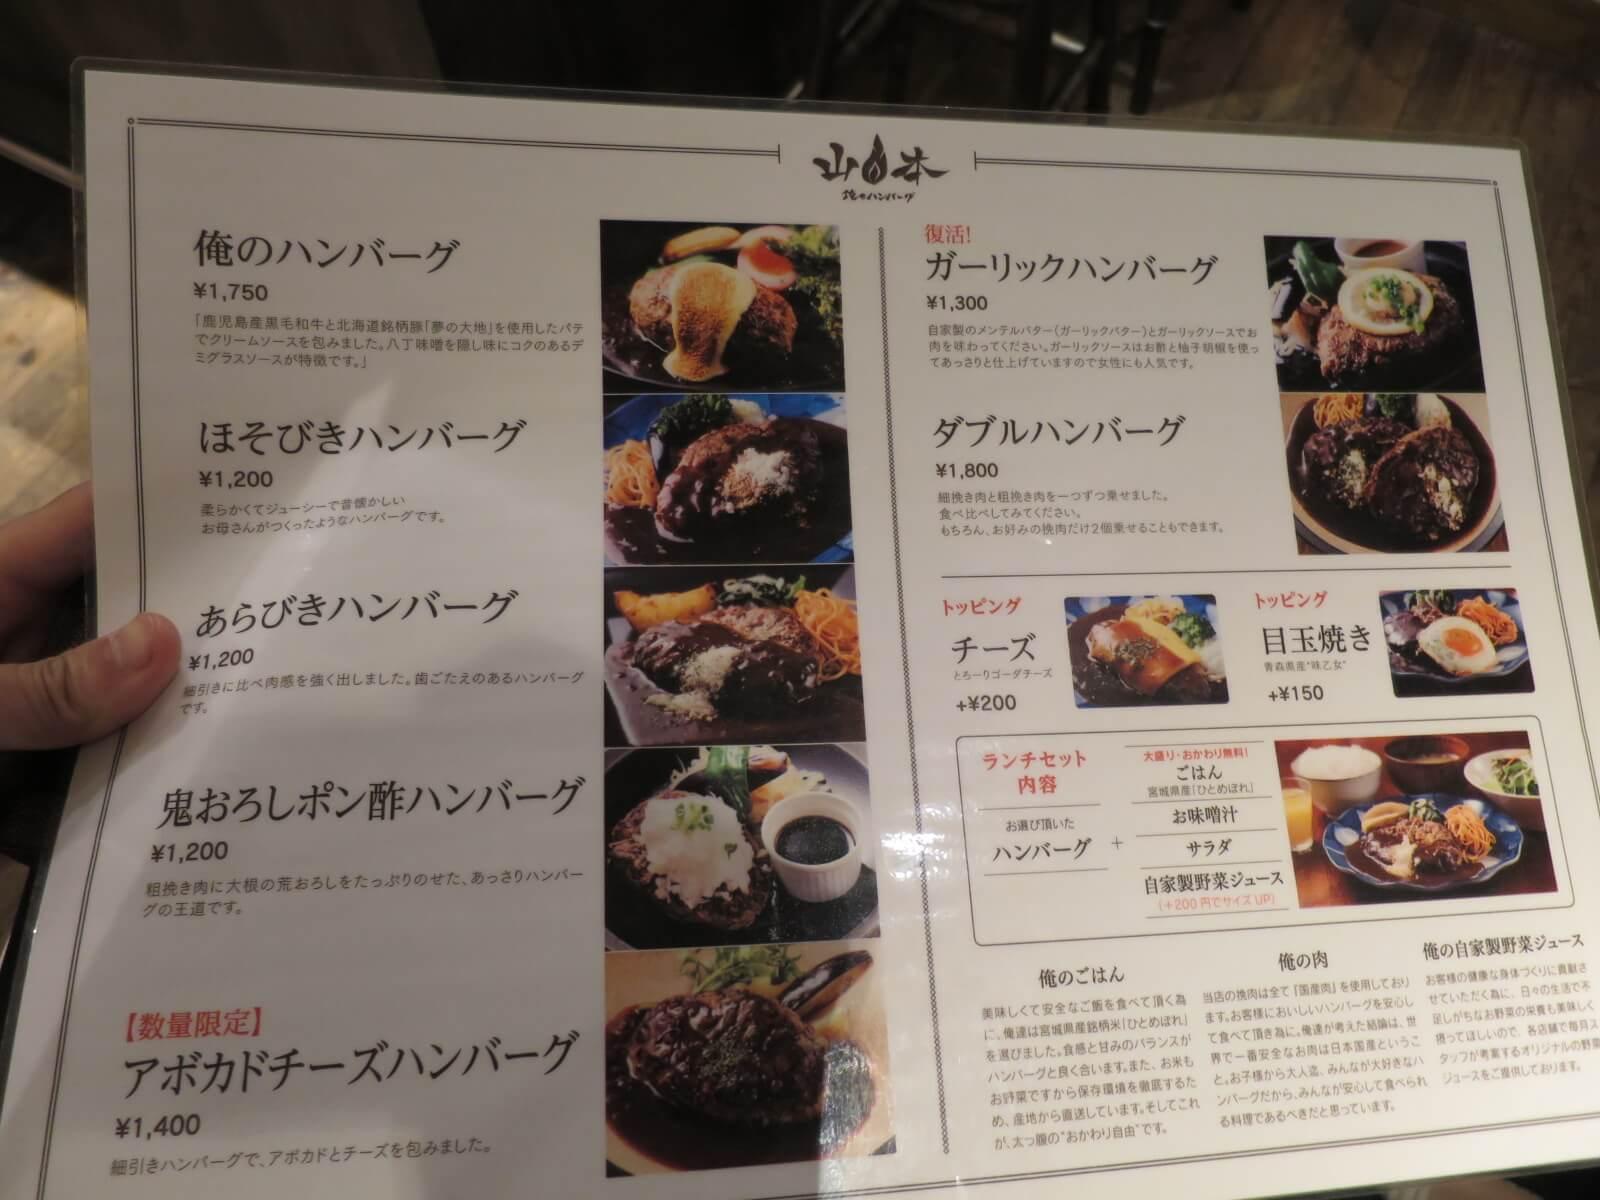 特製チーズ入りハンバーグ【俺のハンバーグ山本 赤坂見附】 | 赤坂 ...